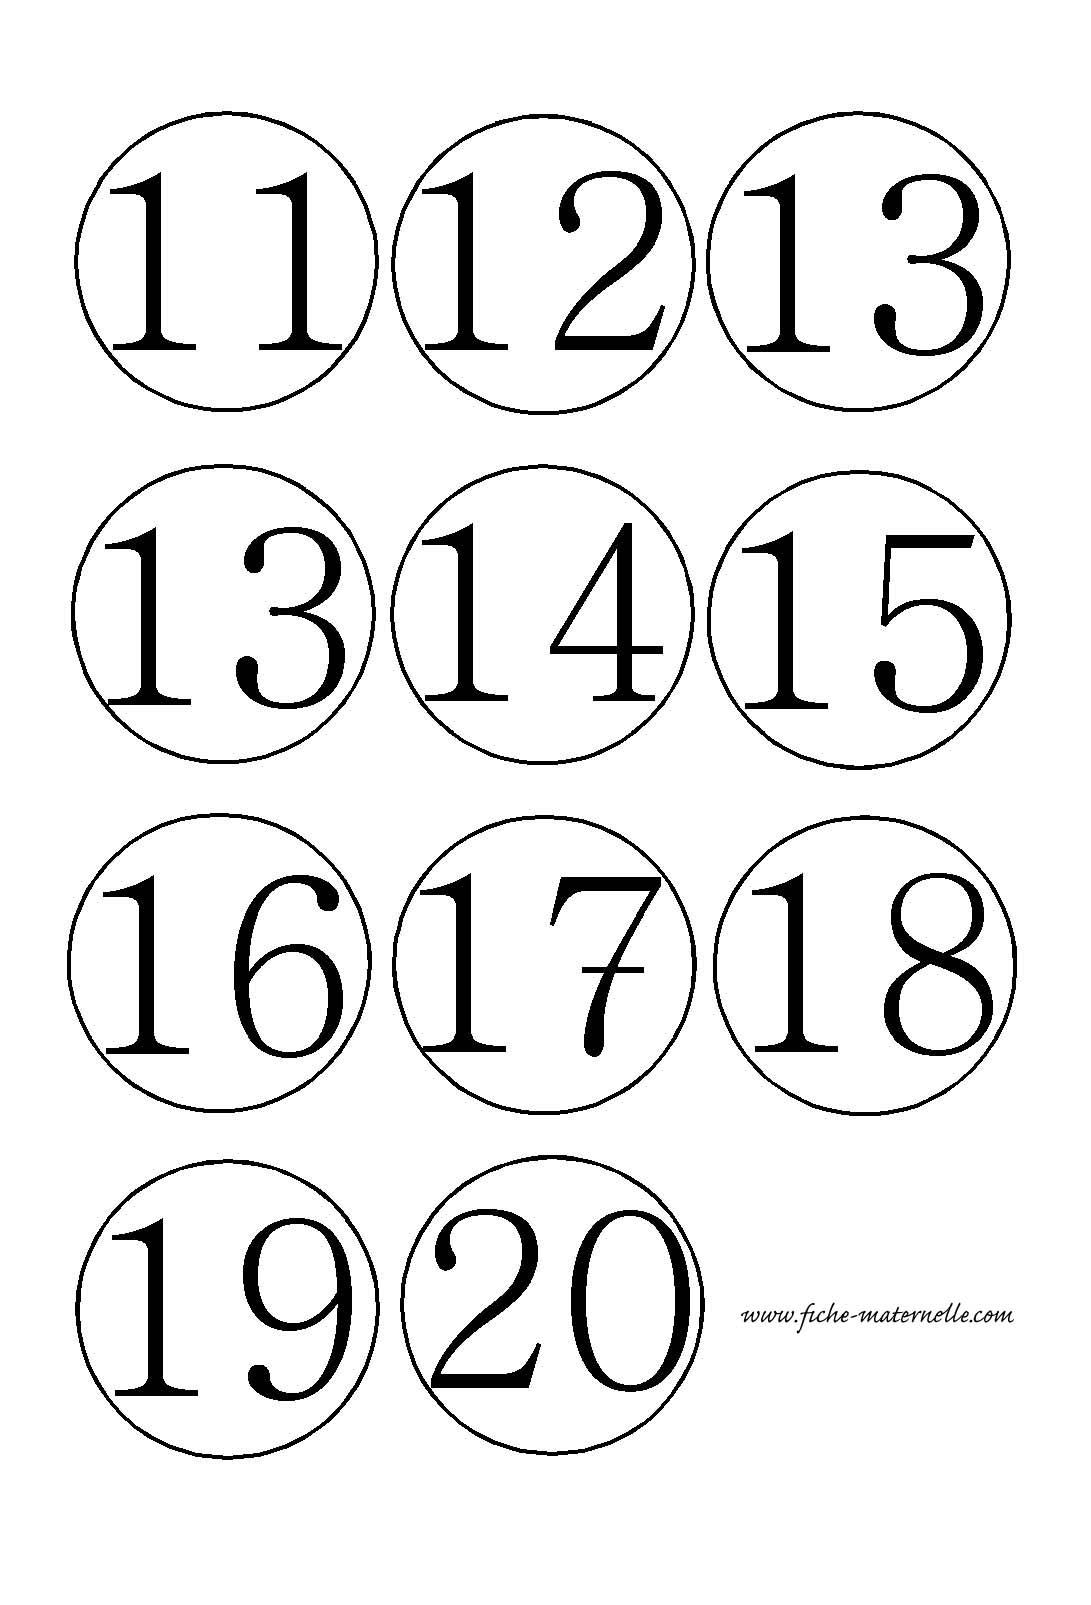 etiquettes-nombres.jpg